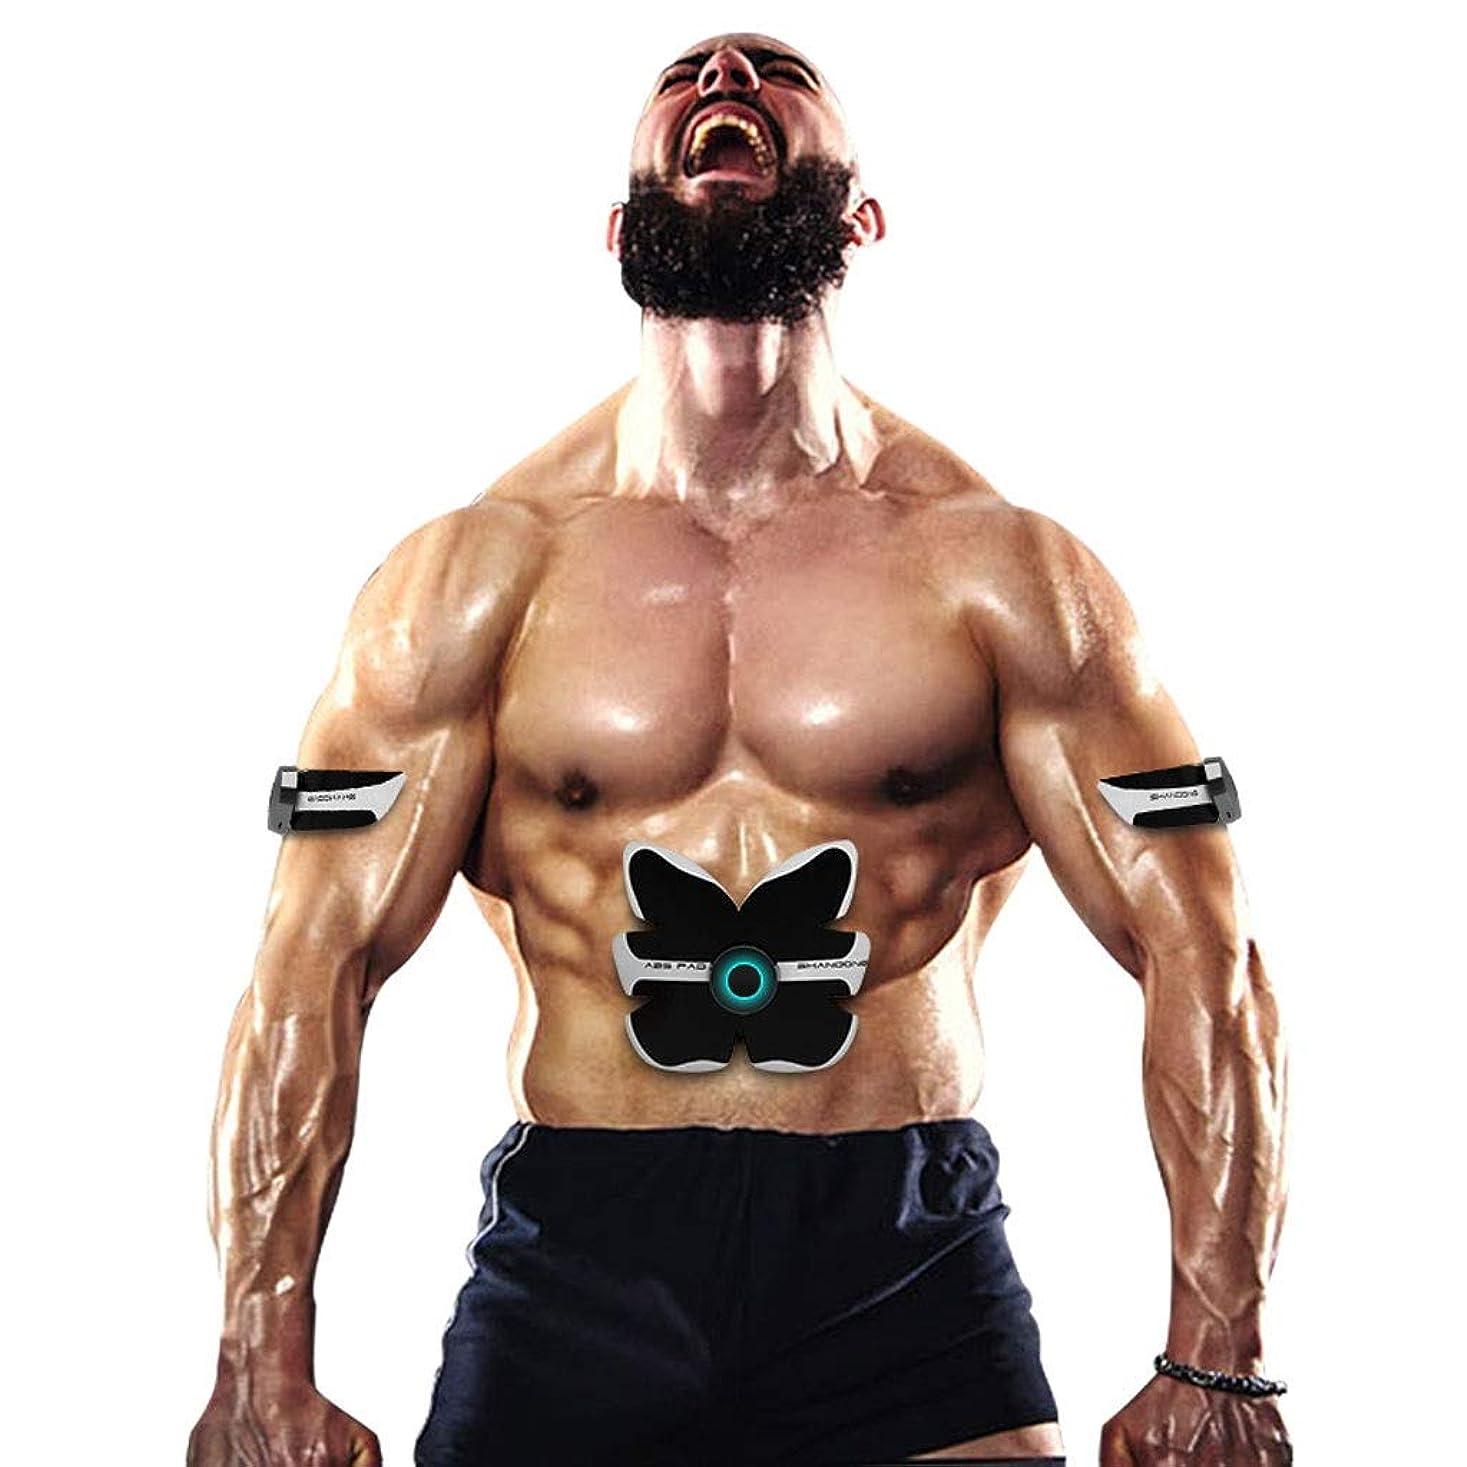 オートマトンコミュニティセラフスマートabsトレーニングギア女性男性減量痩身ボディシェイパー腹部筋肉運動刺激装置フィットネス振動機